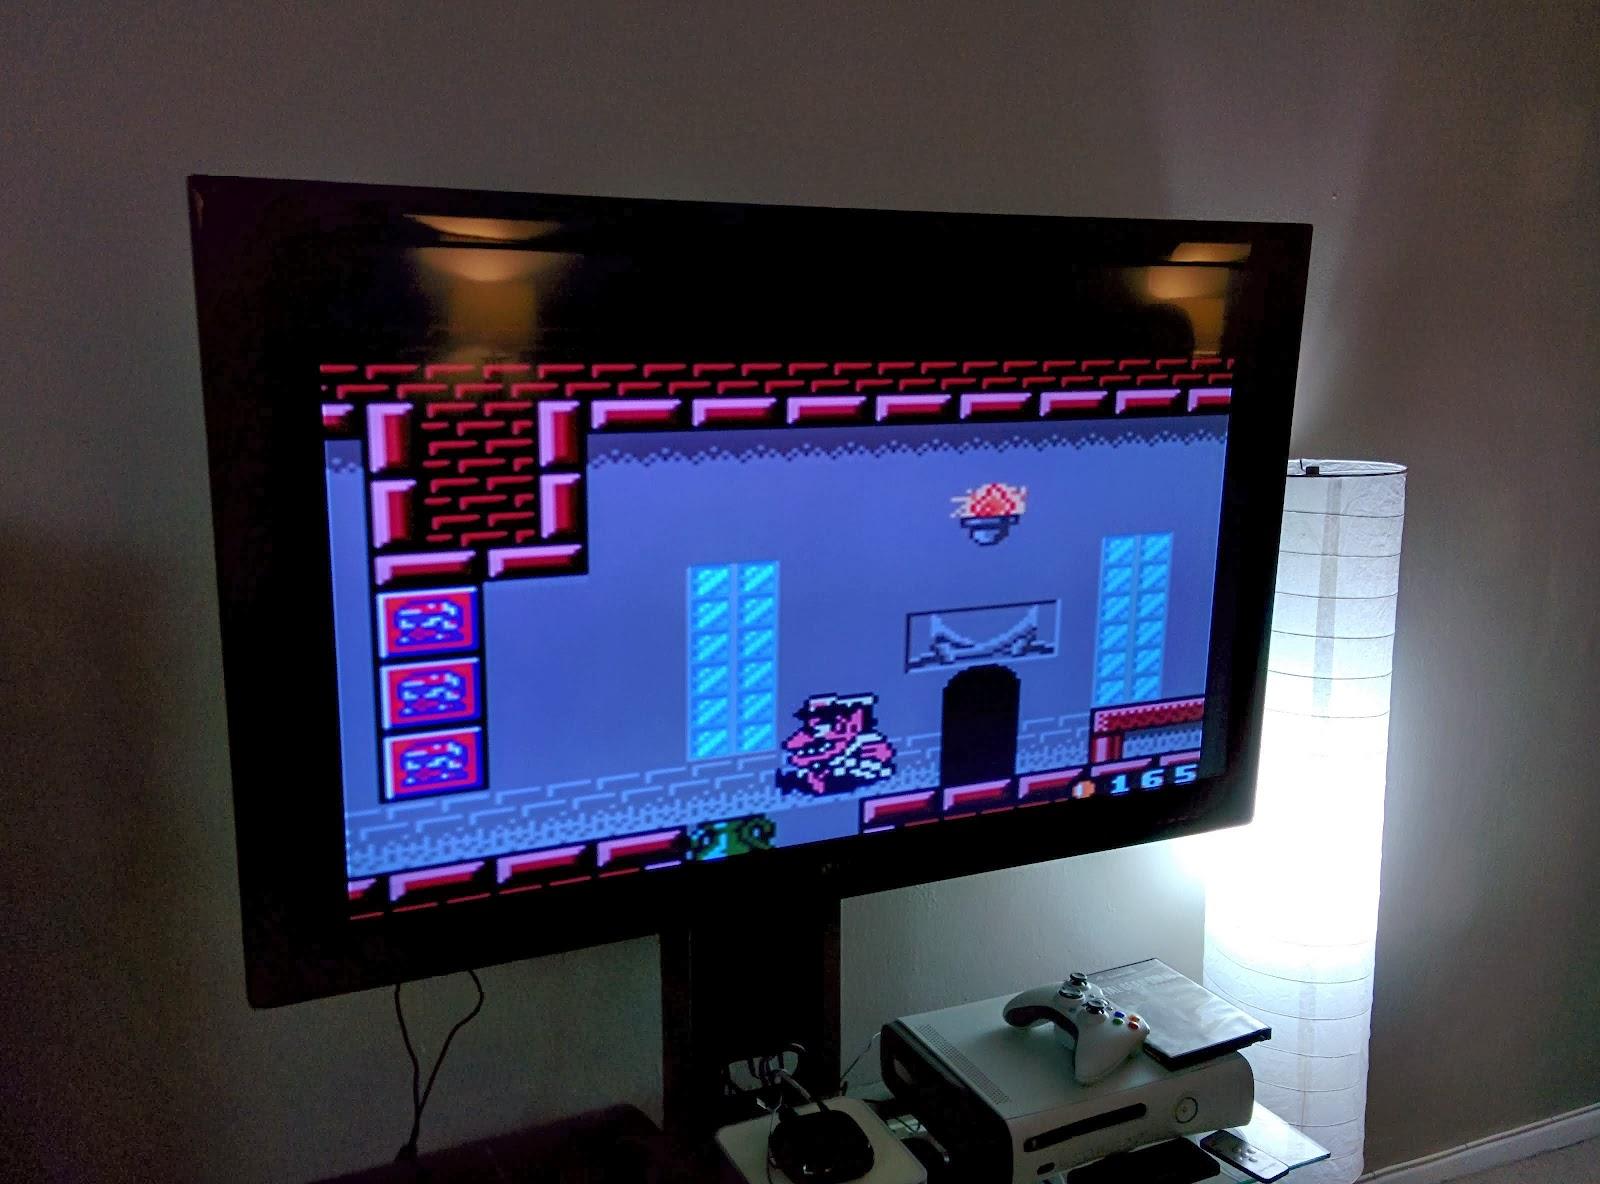 Emulator gameboy color pc - Game Boy Color Game Emulator Gameboy Color Games Are Given New Life Through Emulation